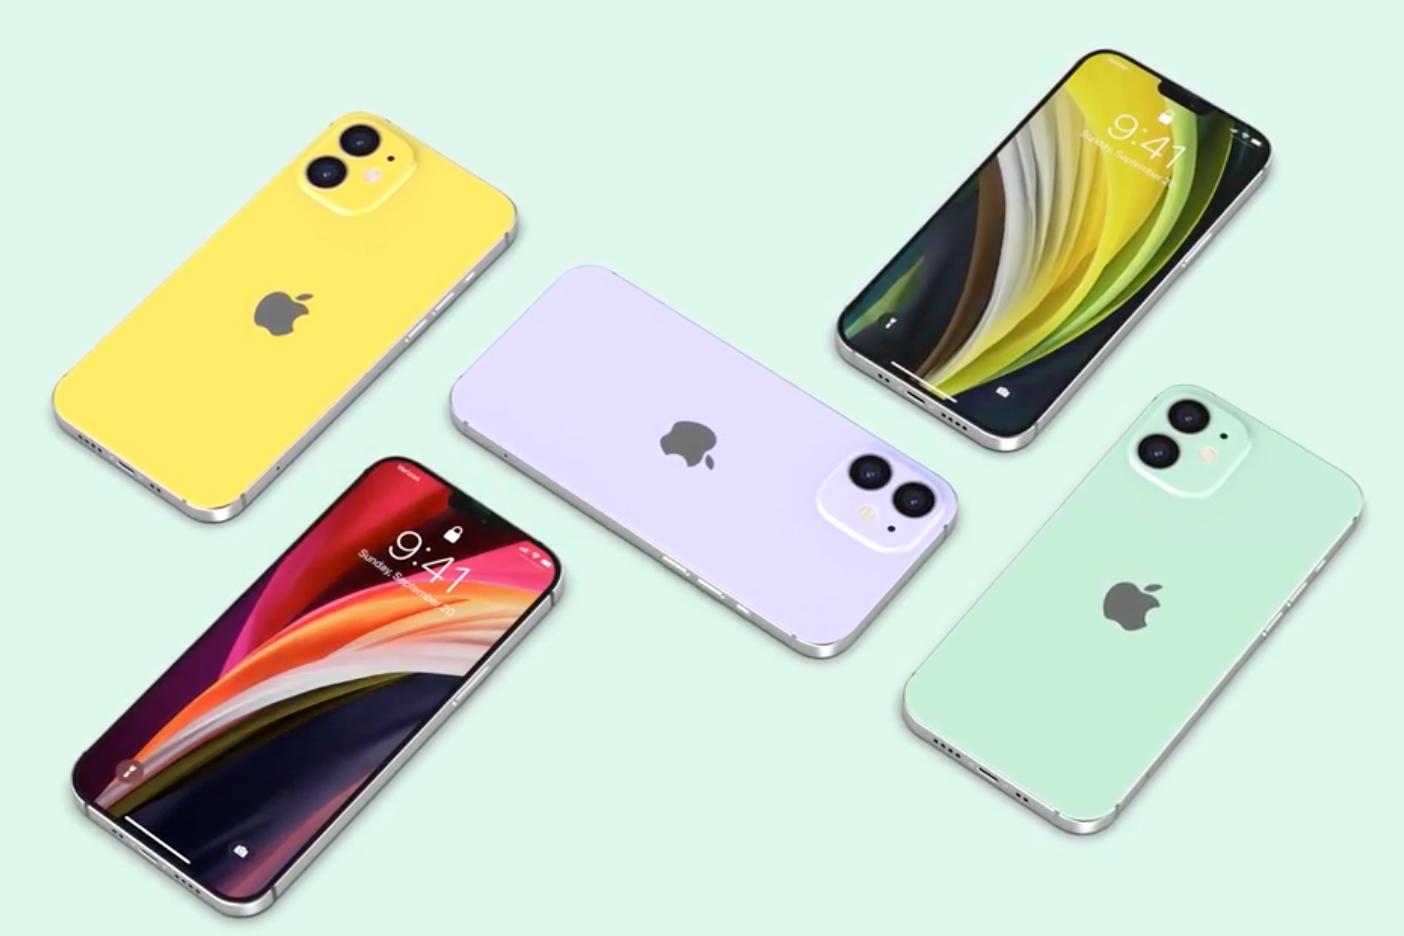 iPhone'y 12 zapowiadają się naprawdę interesująco! Oto wszystko, co wiemy 25